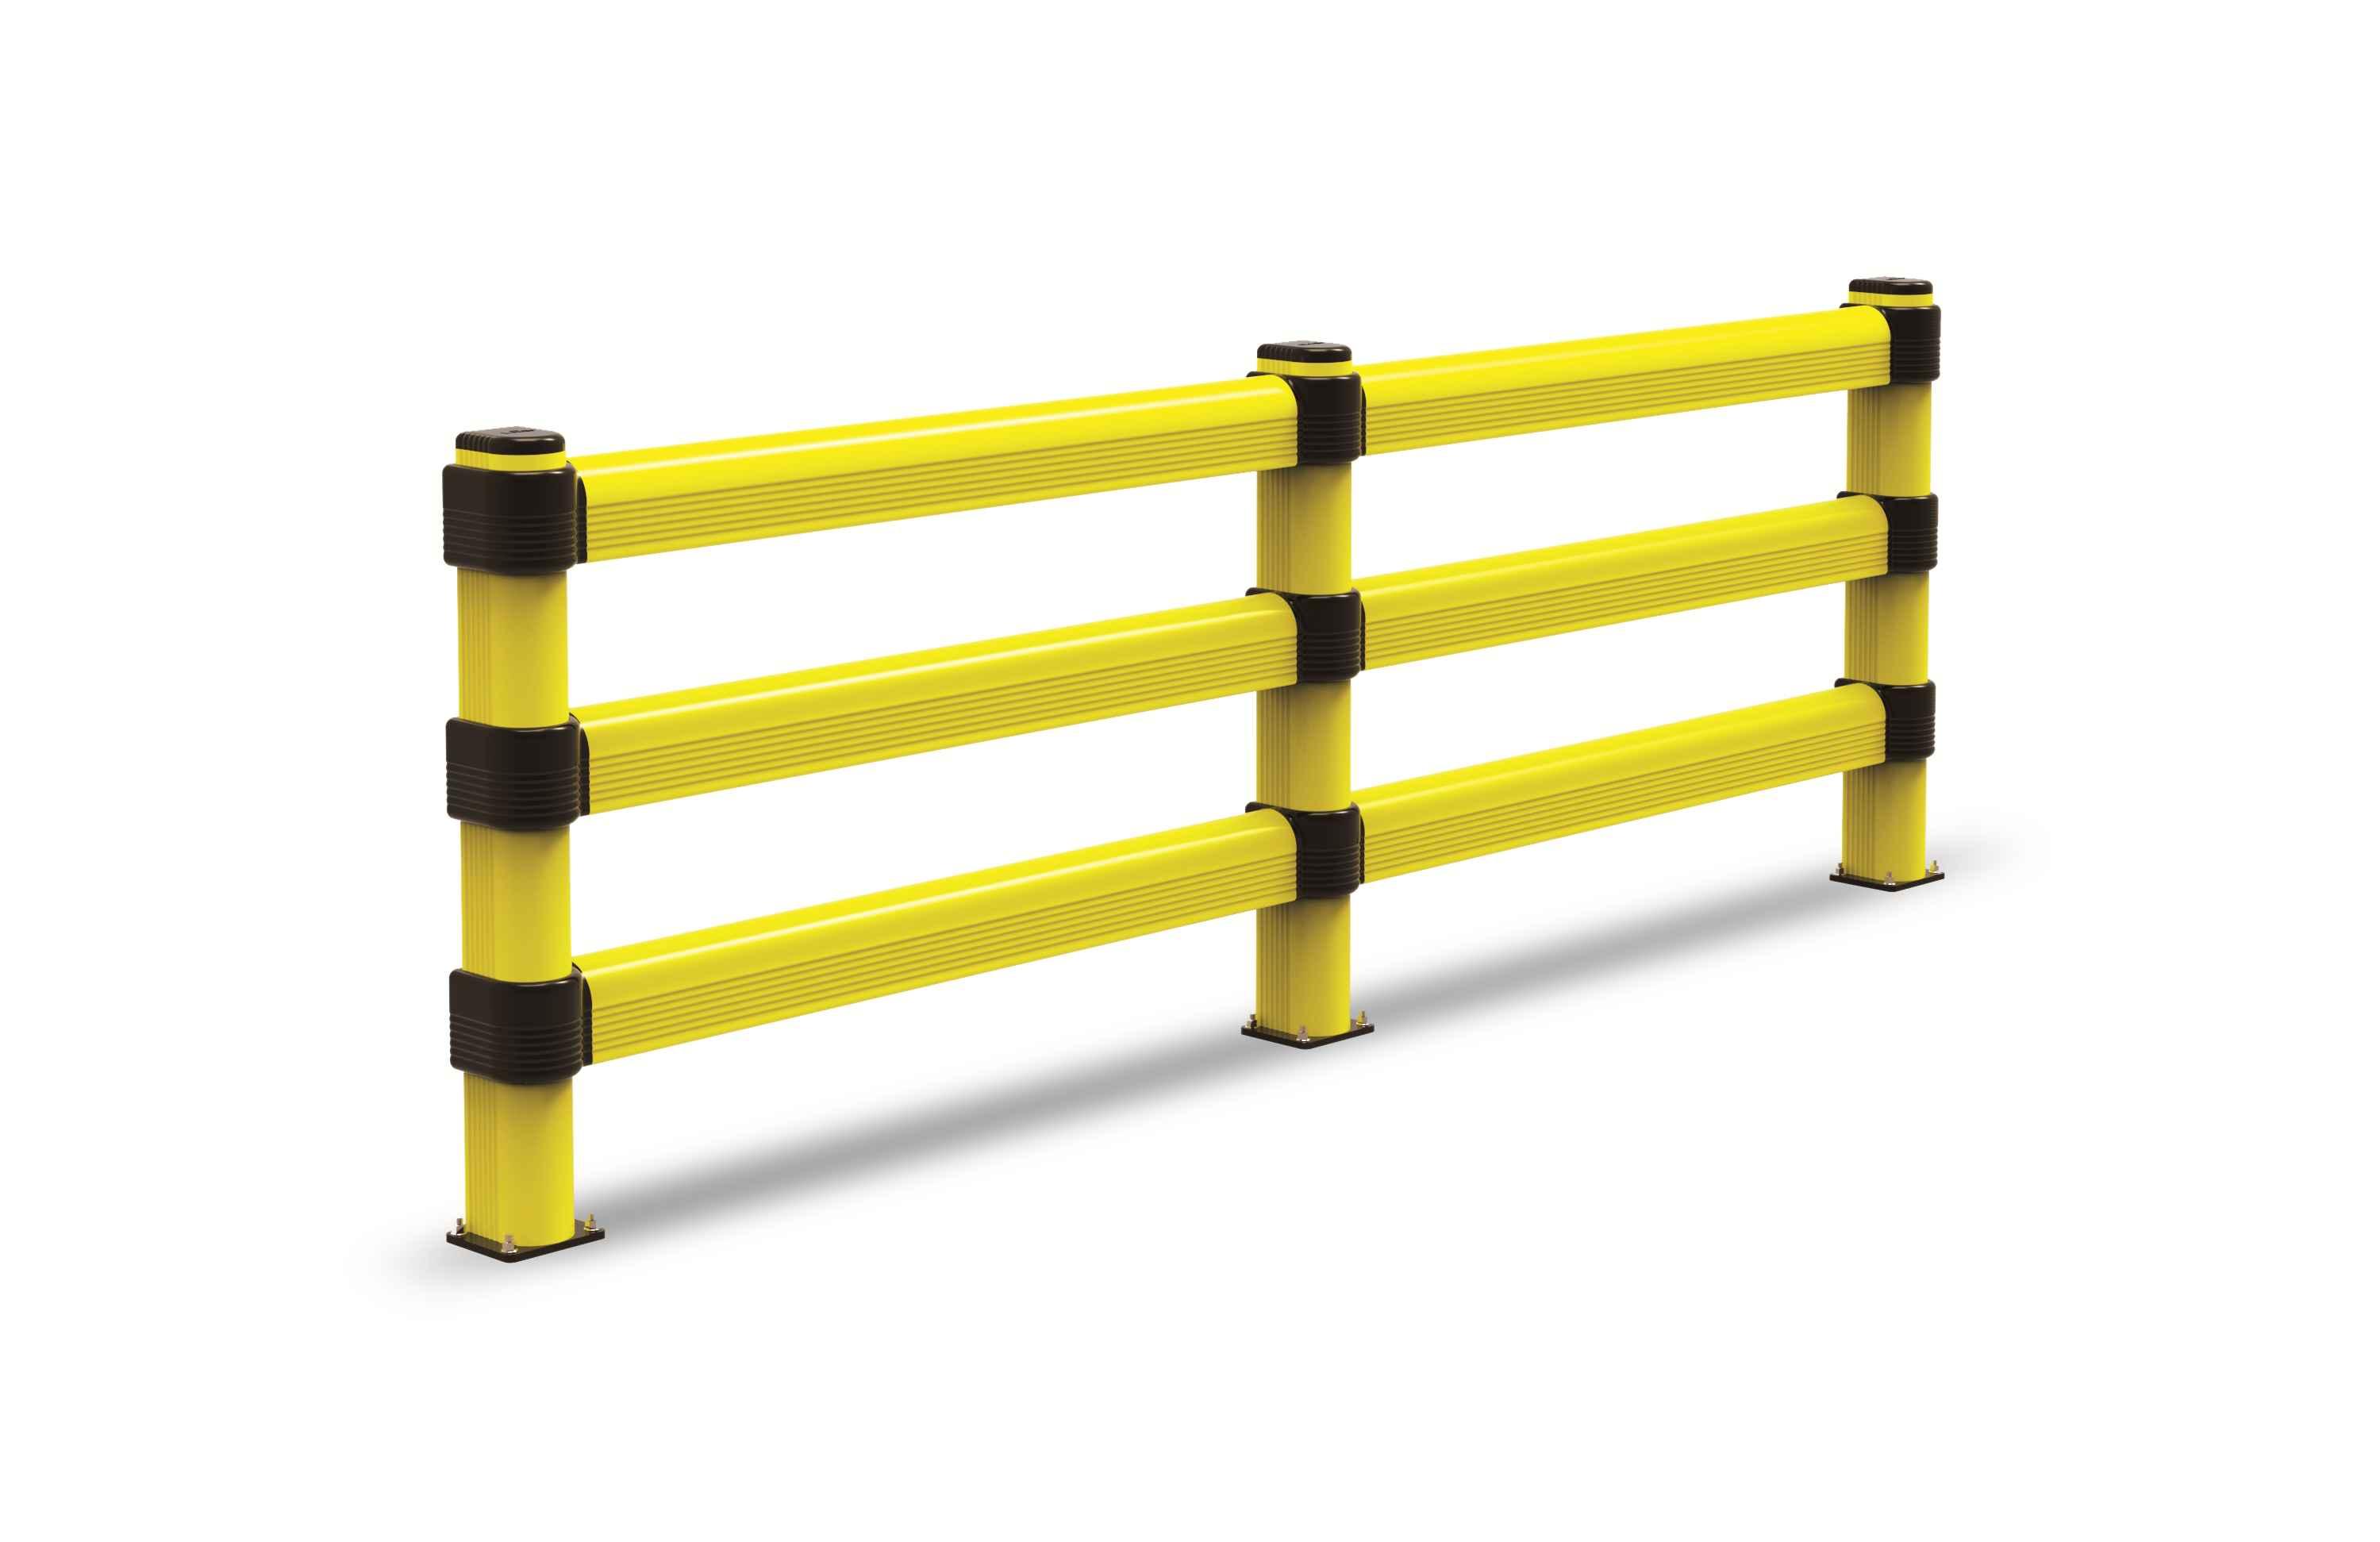 Modułowa elastyczna bariera L3 do dużych obciążeń 1150 mm x mb